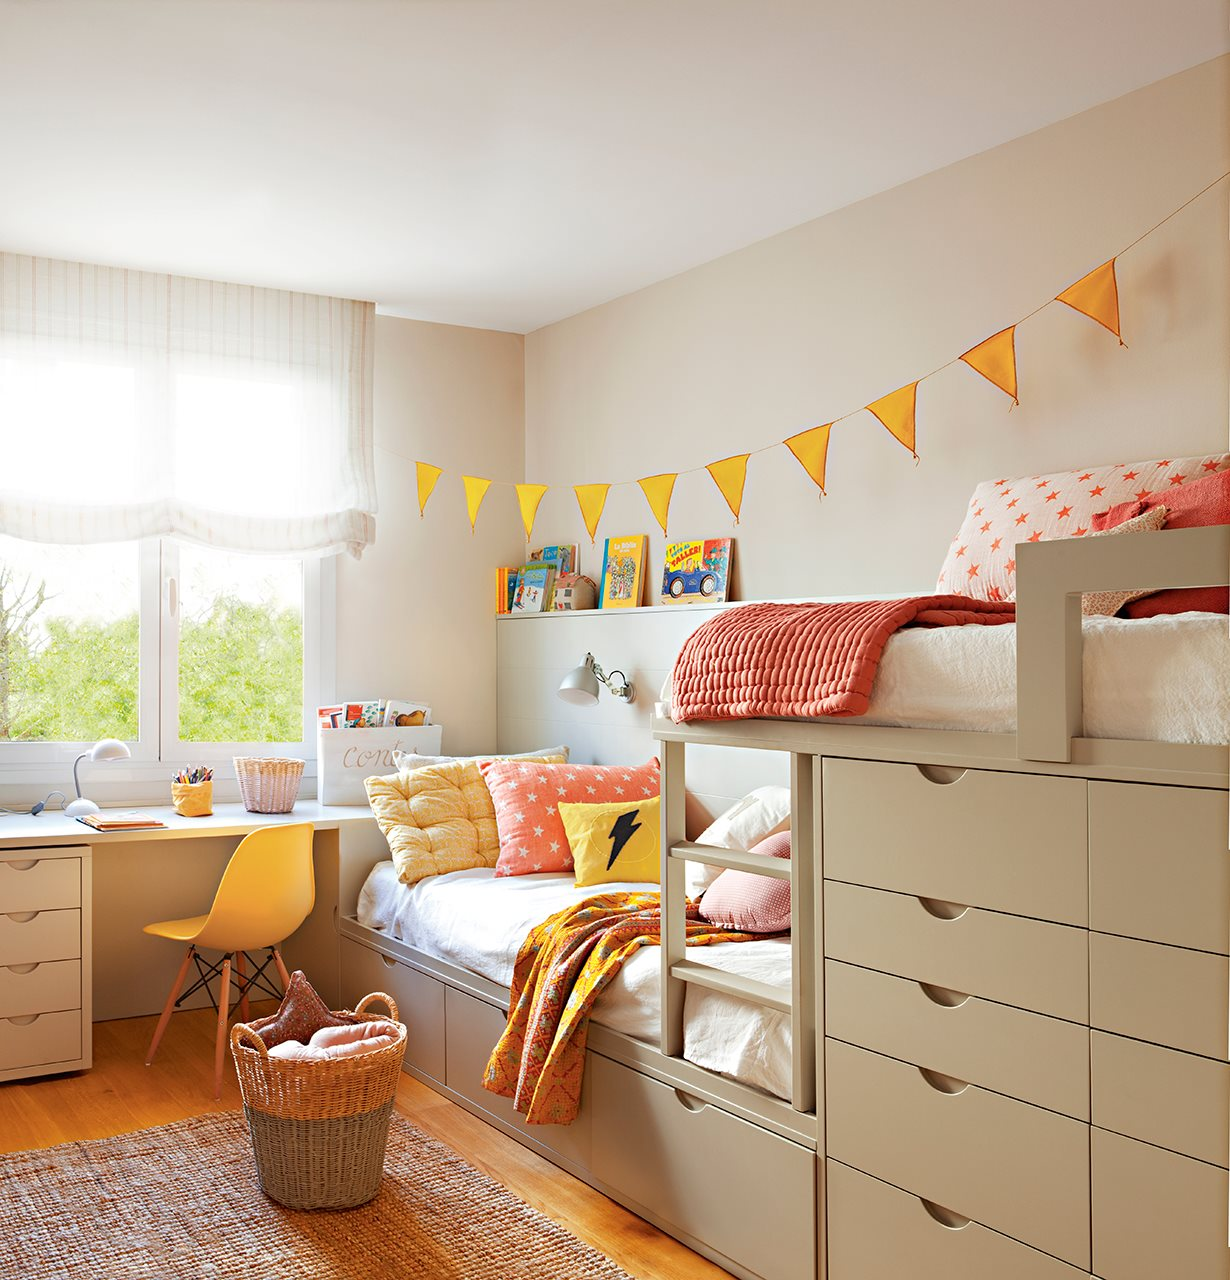 Un piso familiar reformado para ganar luz y comodidad - Dormitorio infantil literas ...